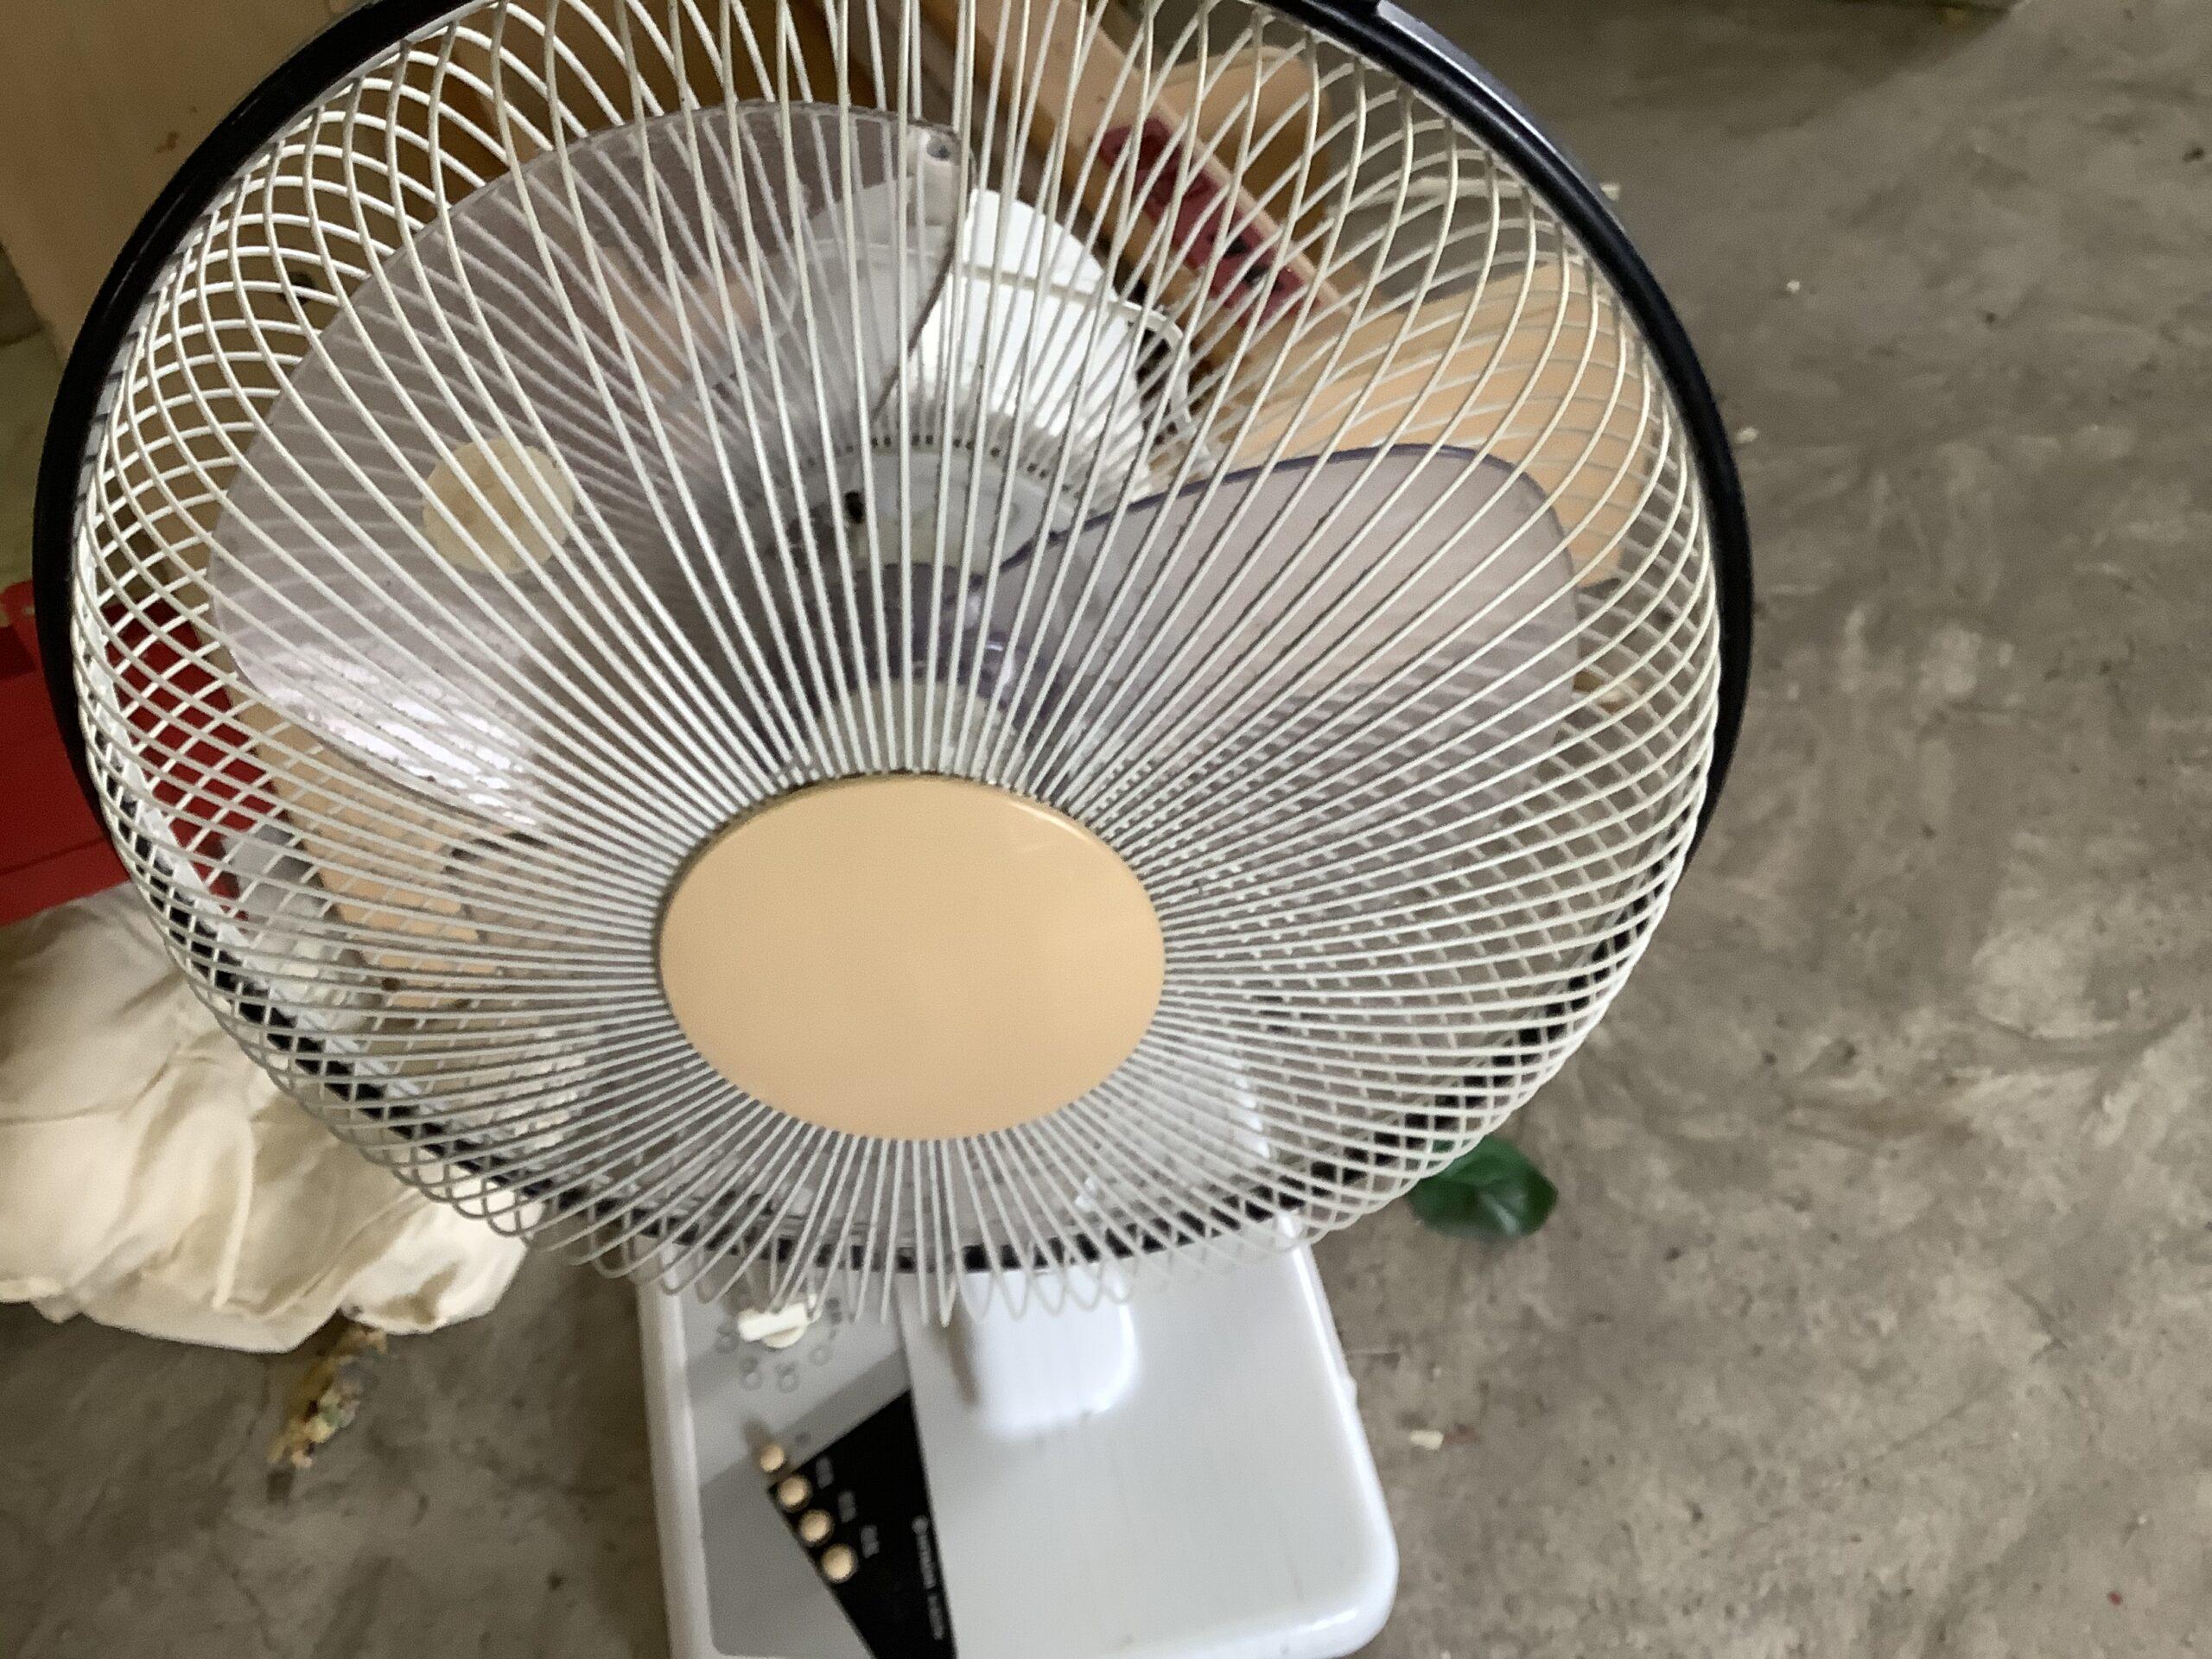 福山市延広町で回収した扇風機